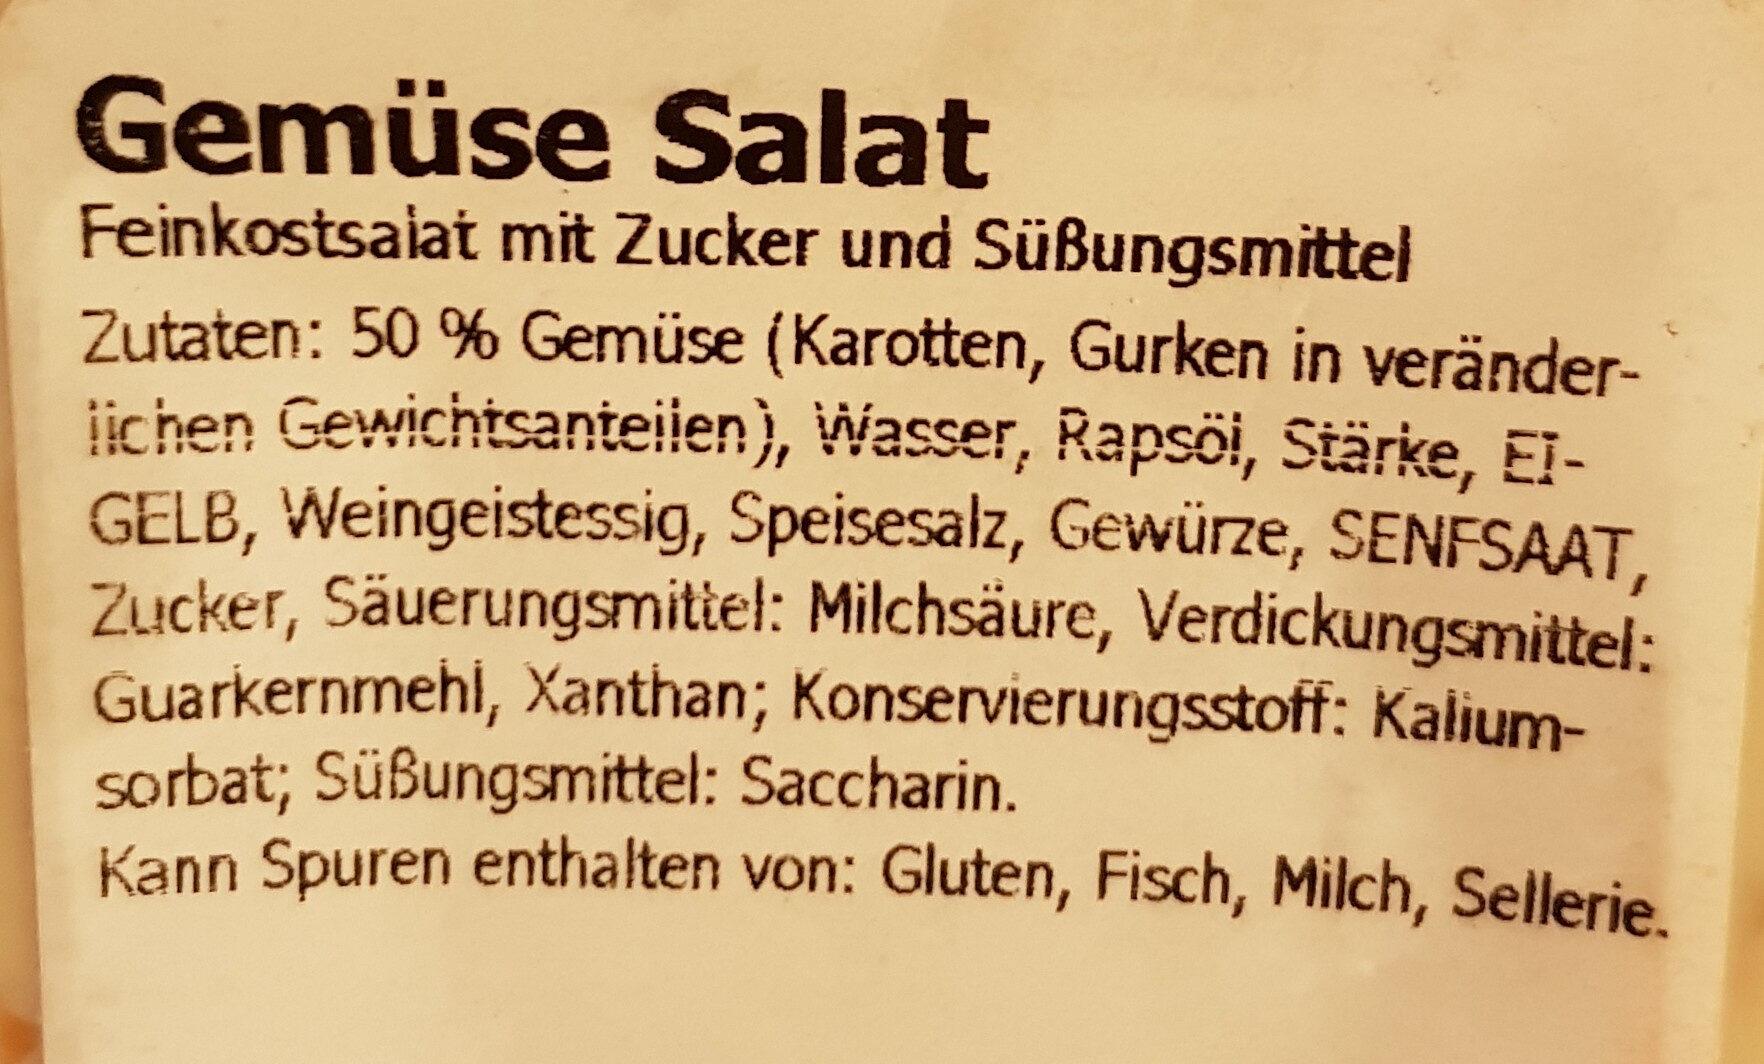 Gemüse Feinkostsalat - Ingredients